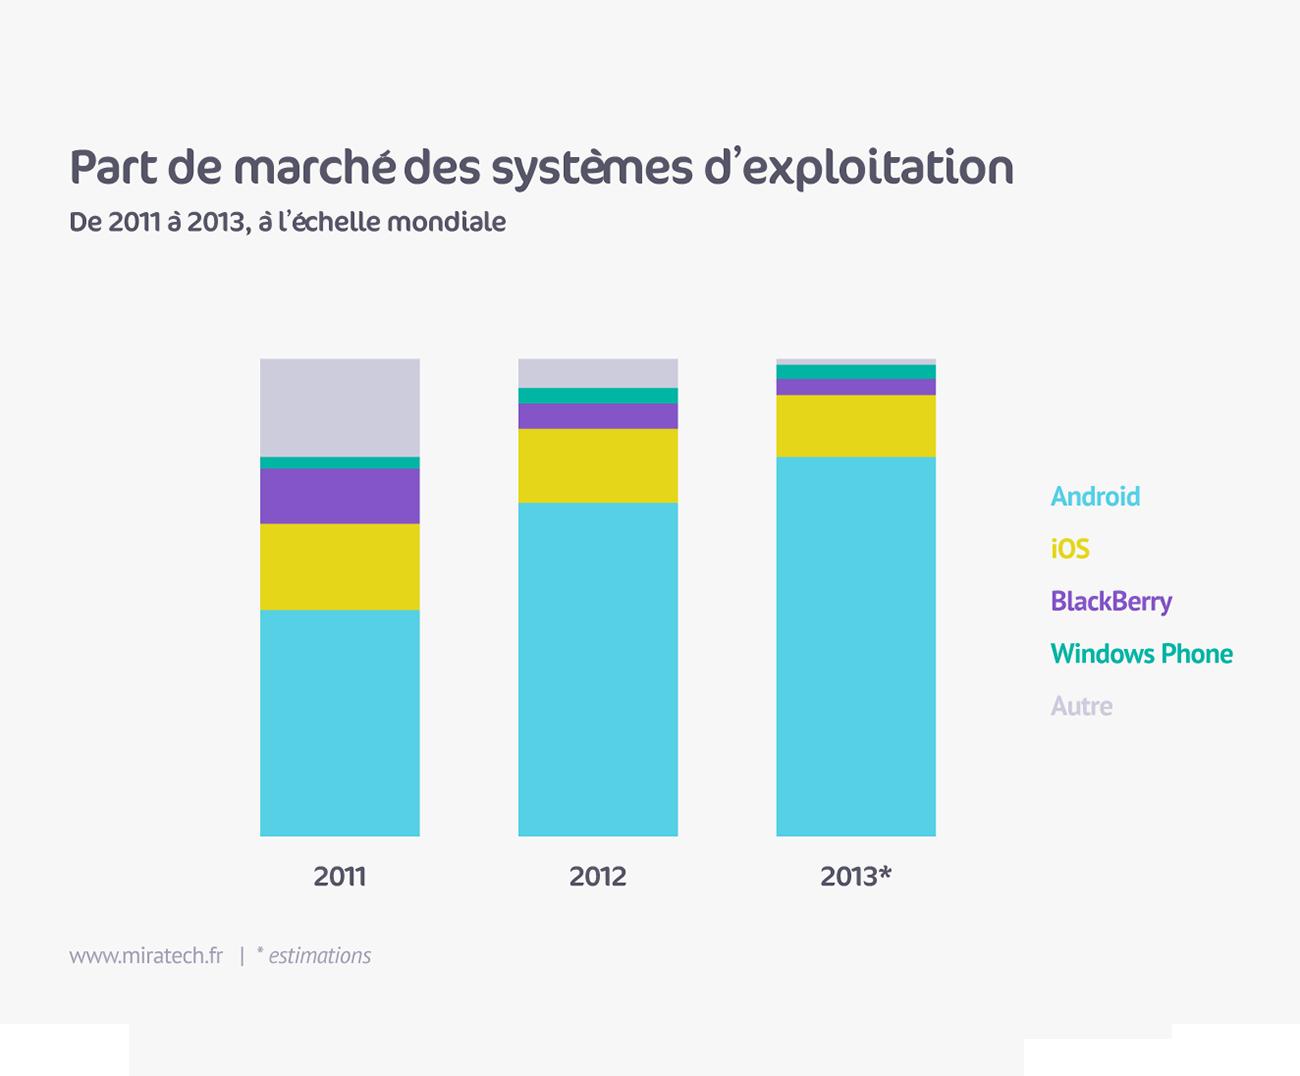 Part de marché des systèmes d'exploitation